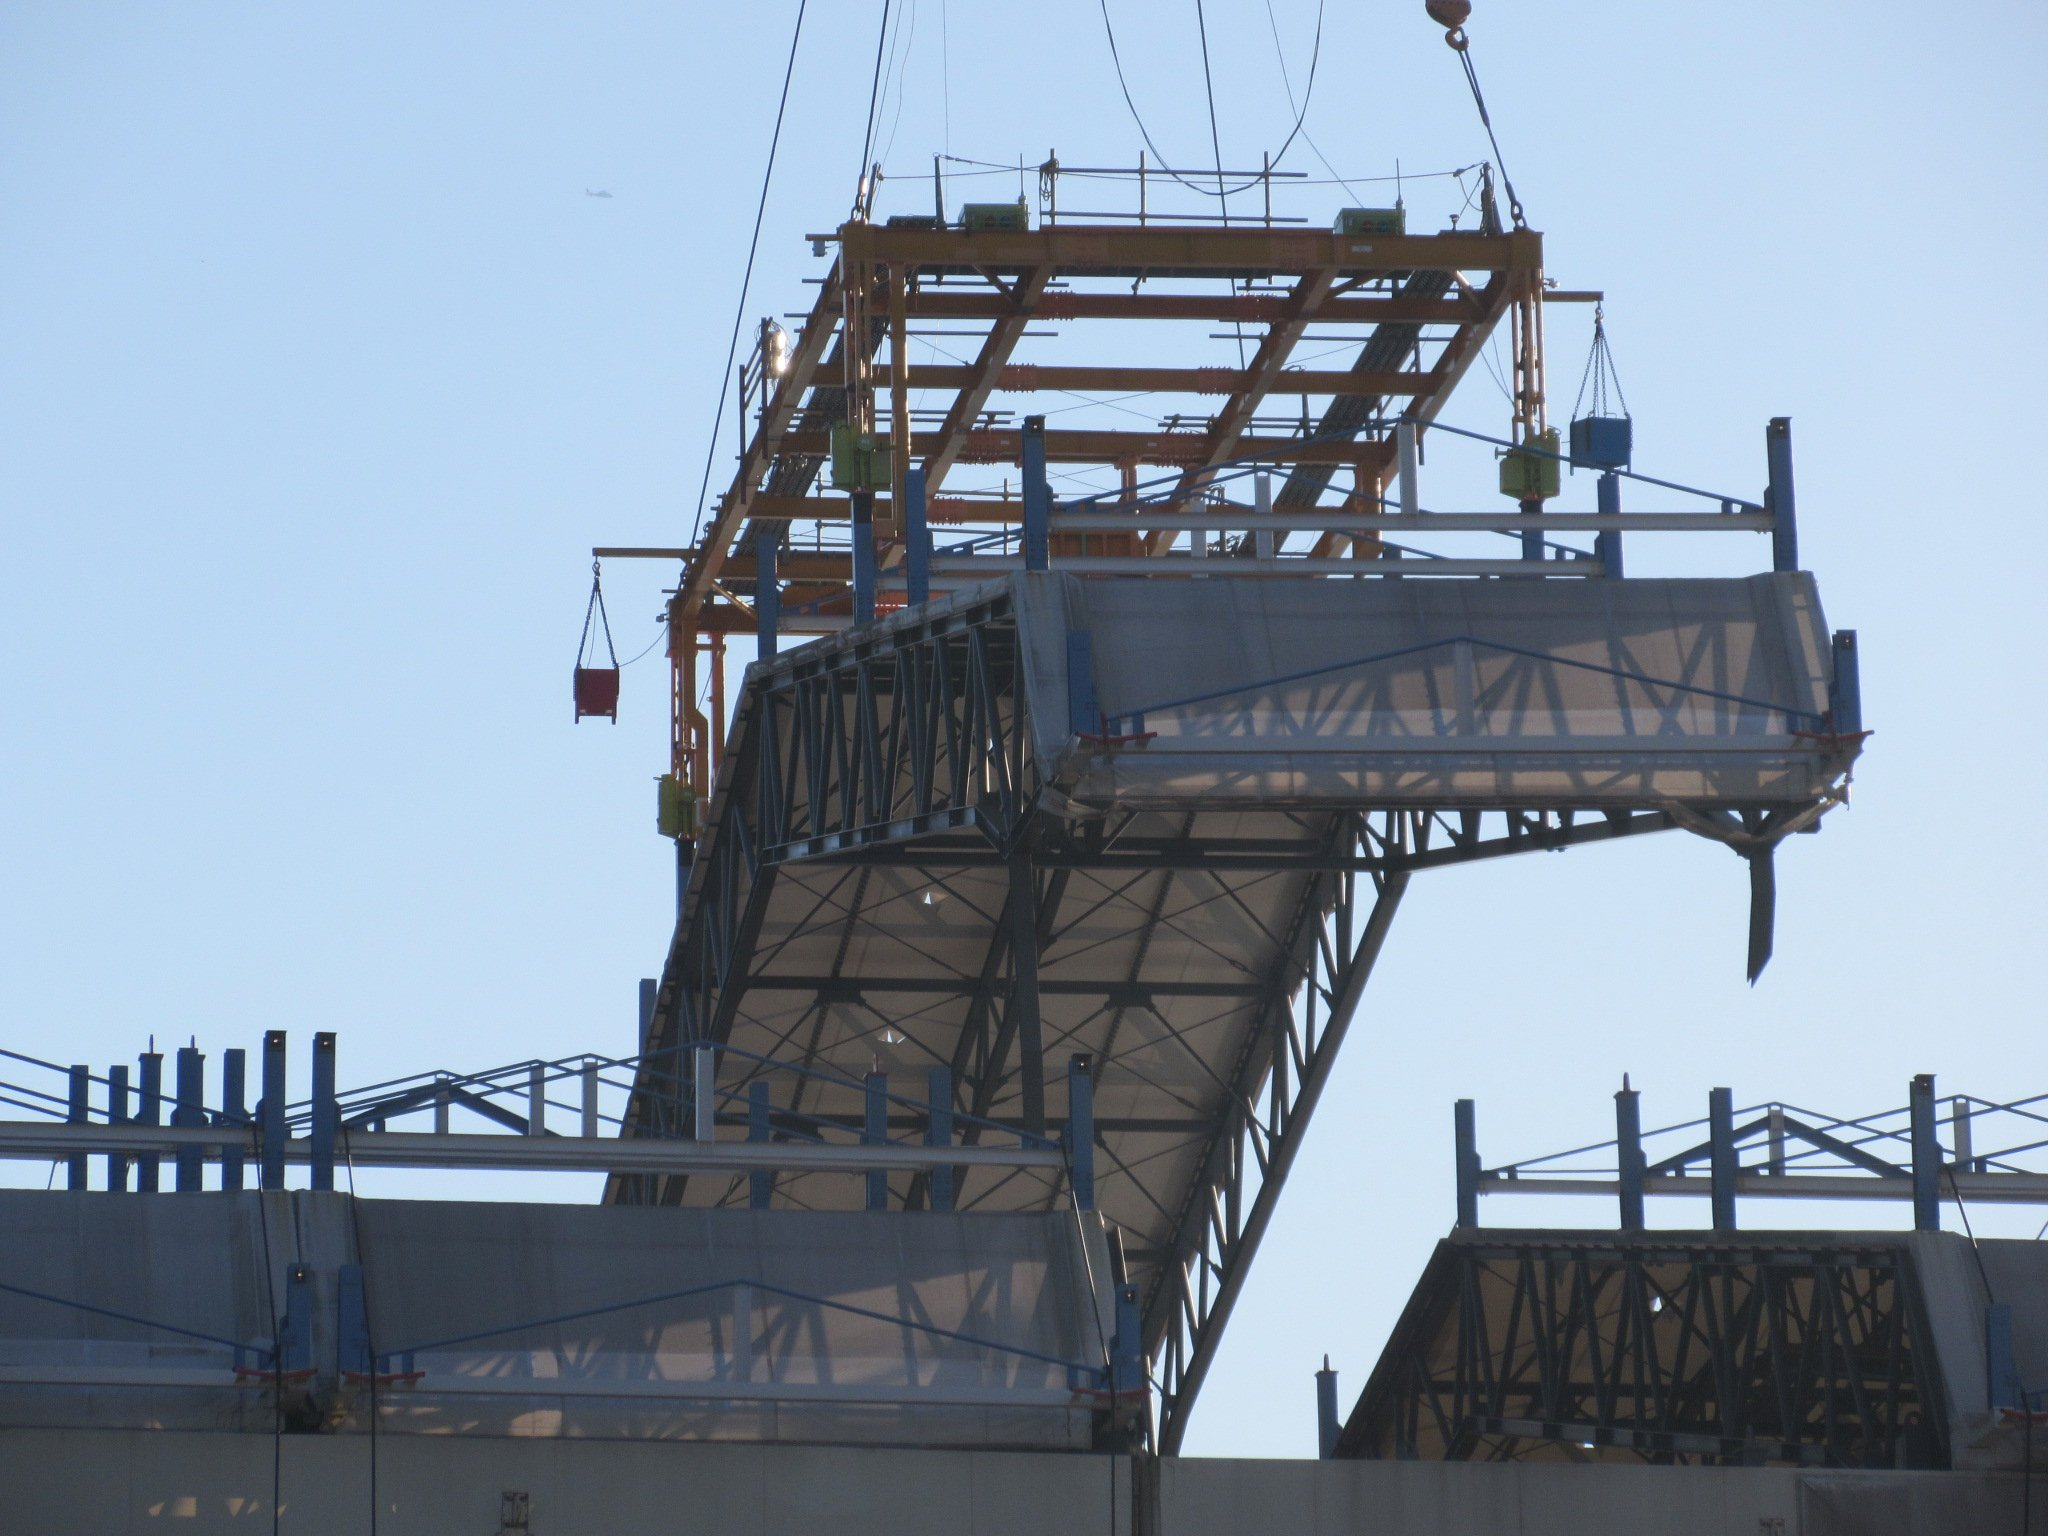 Fukushima-Reaktor 1: Derzeit werden einzelne Dachteile von Reaktor 1 abgehoben, um in den Reaktor vorzudringen und die Brennelement in Lauf der nächsten Jahre bergen zu können.